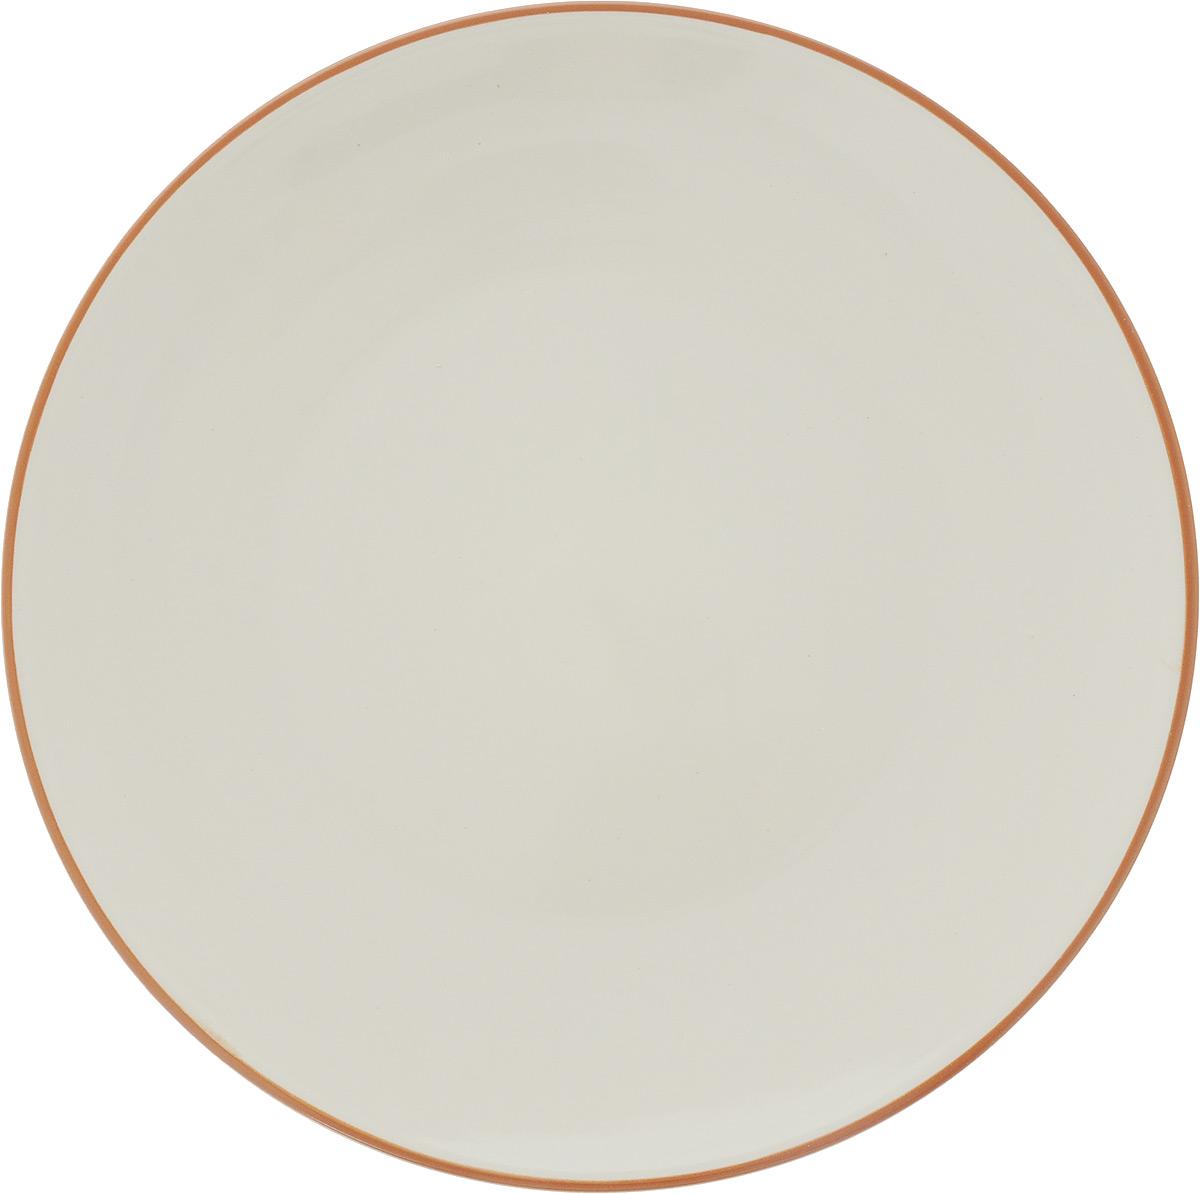 """Тарелка обеденная """"Ломоносовская керамика"""", диаметр 24 см"""